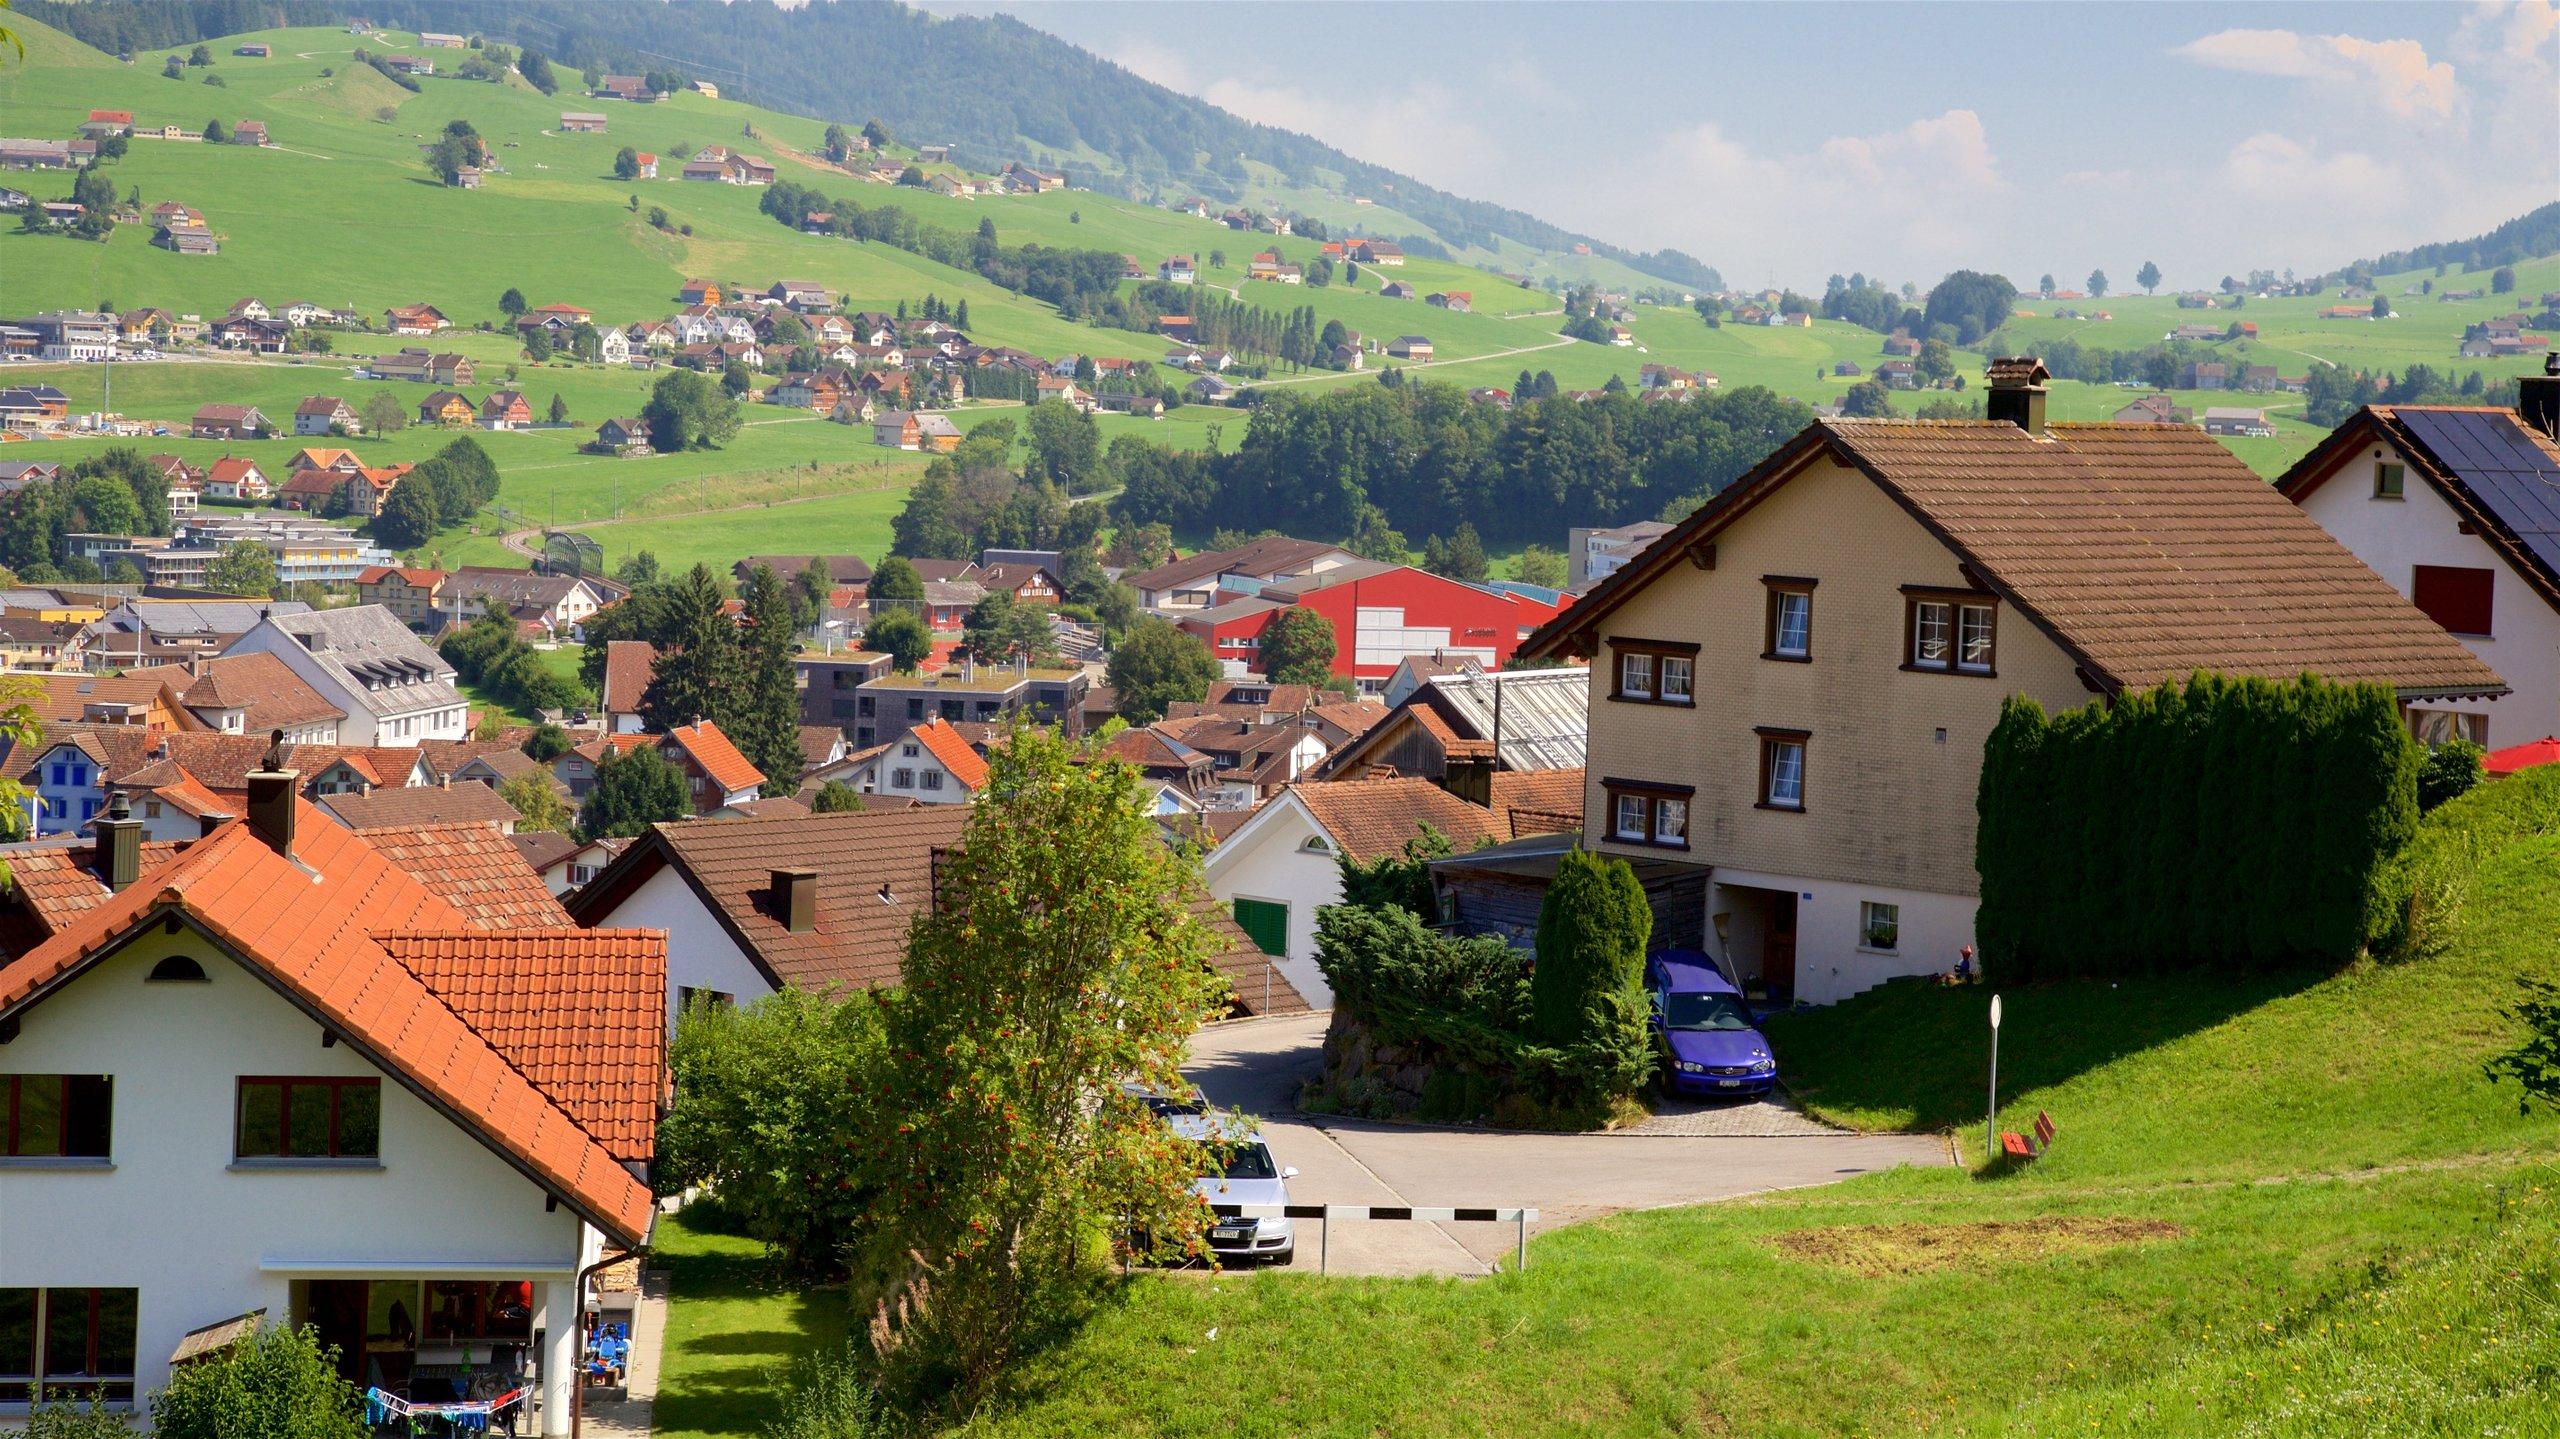 Appenzell, Appenzell Innerrhoden, Switzerland